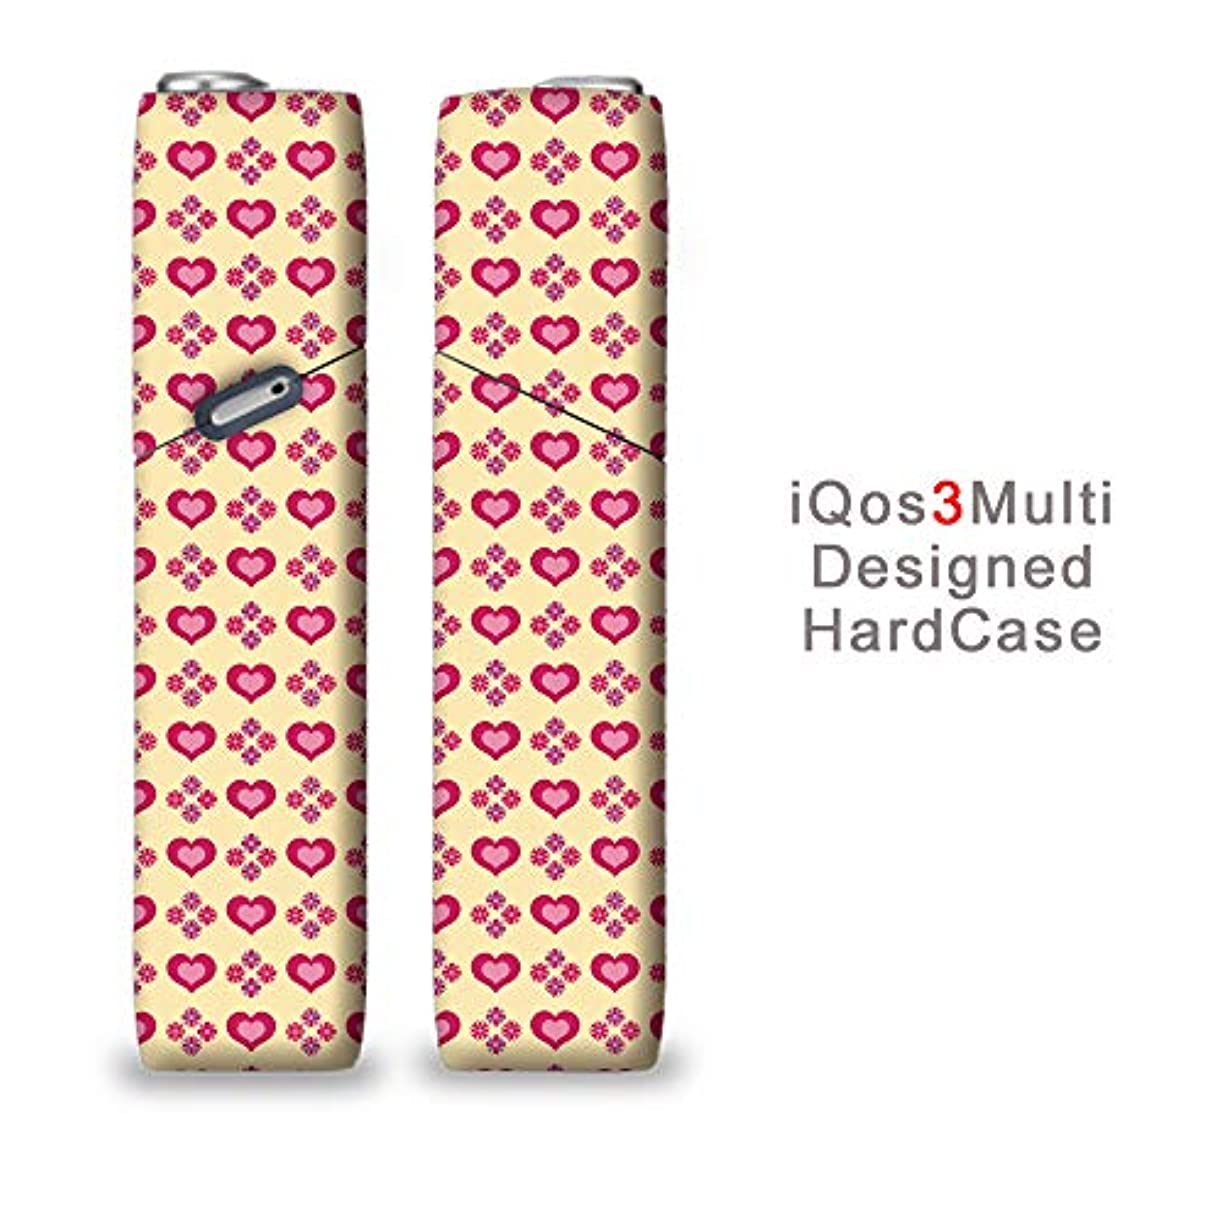 ギャラリーひも水素完全国内受注生産 iQOS3マルチ用 アイコス3マルチ用 熱転写全面印刷 かわいいハート柄 加熱式タバコ 電子タバコ 禁煙サポート アクセサリー プラスティックケース ハードケース 日本製